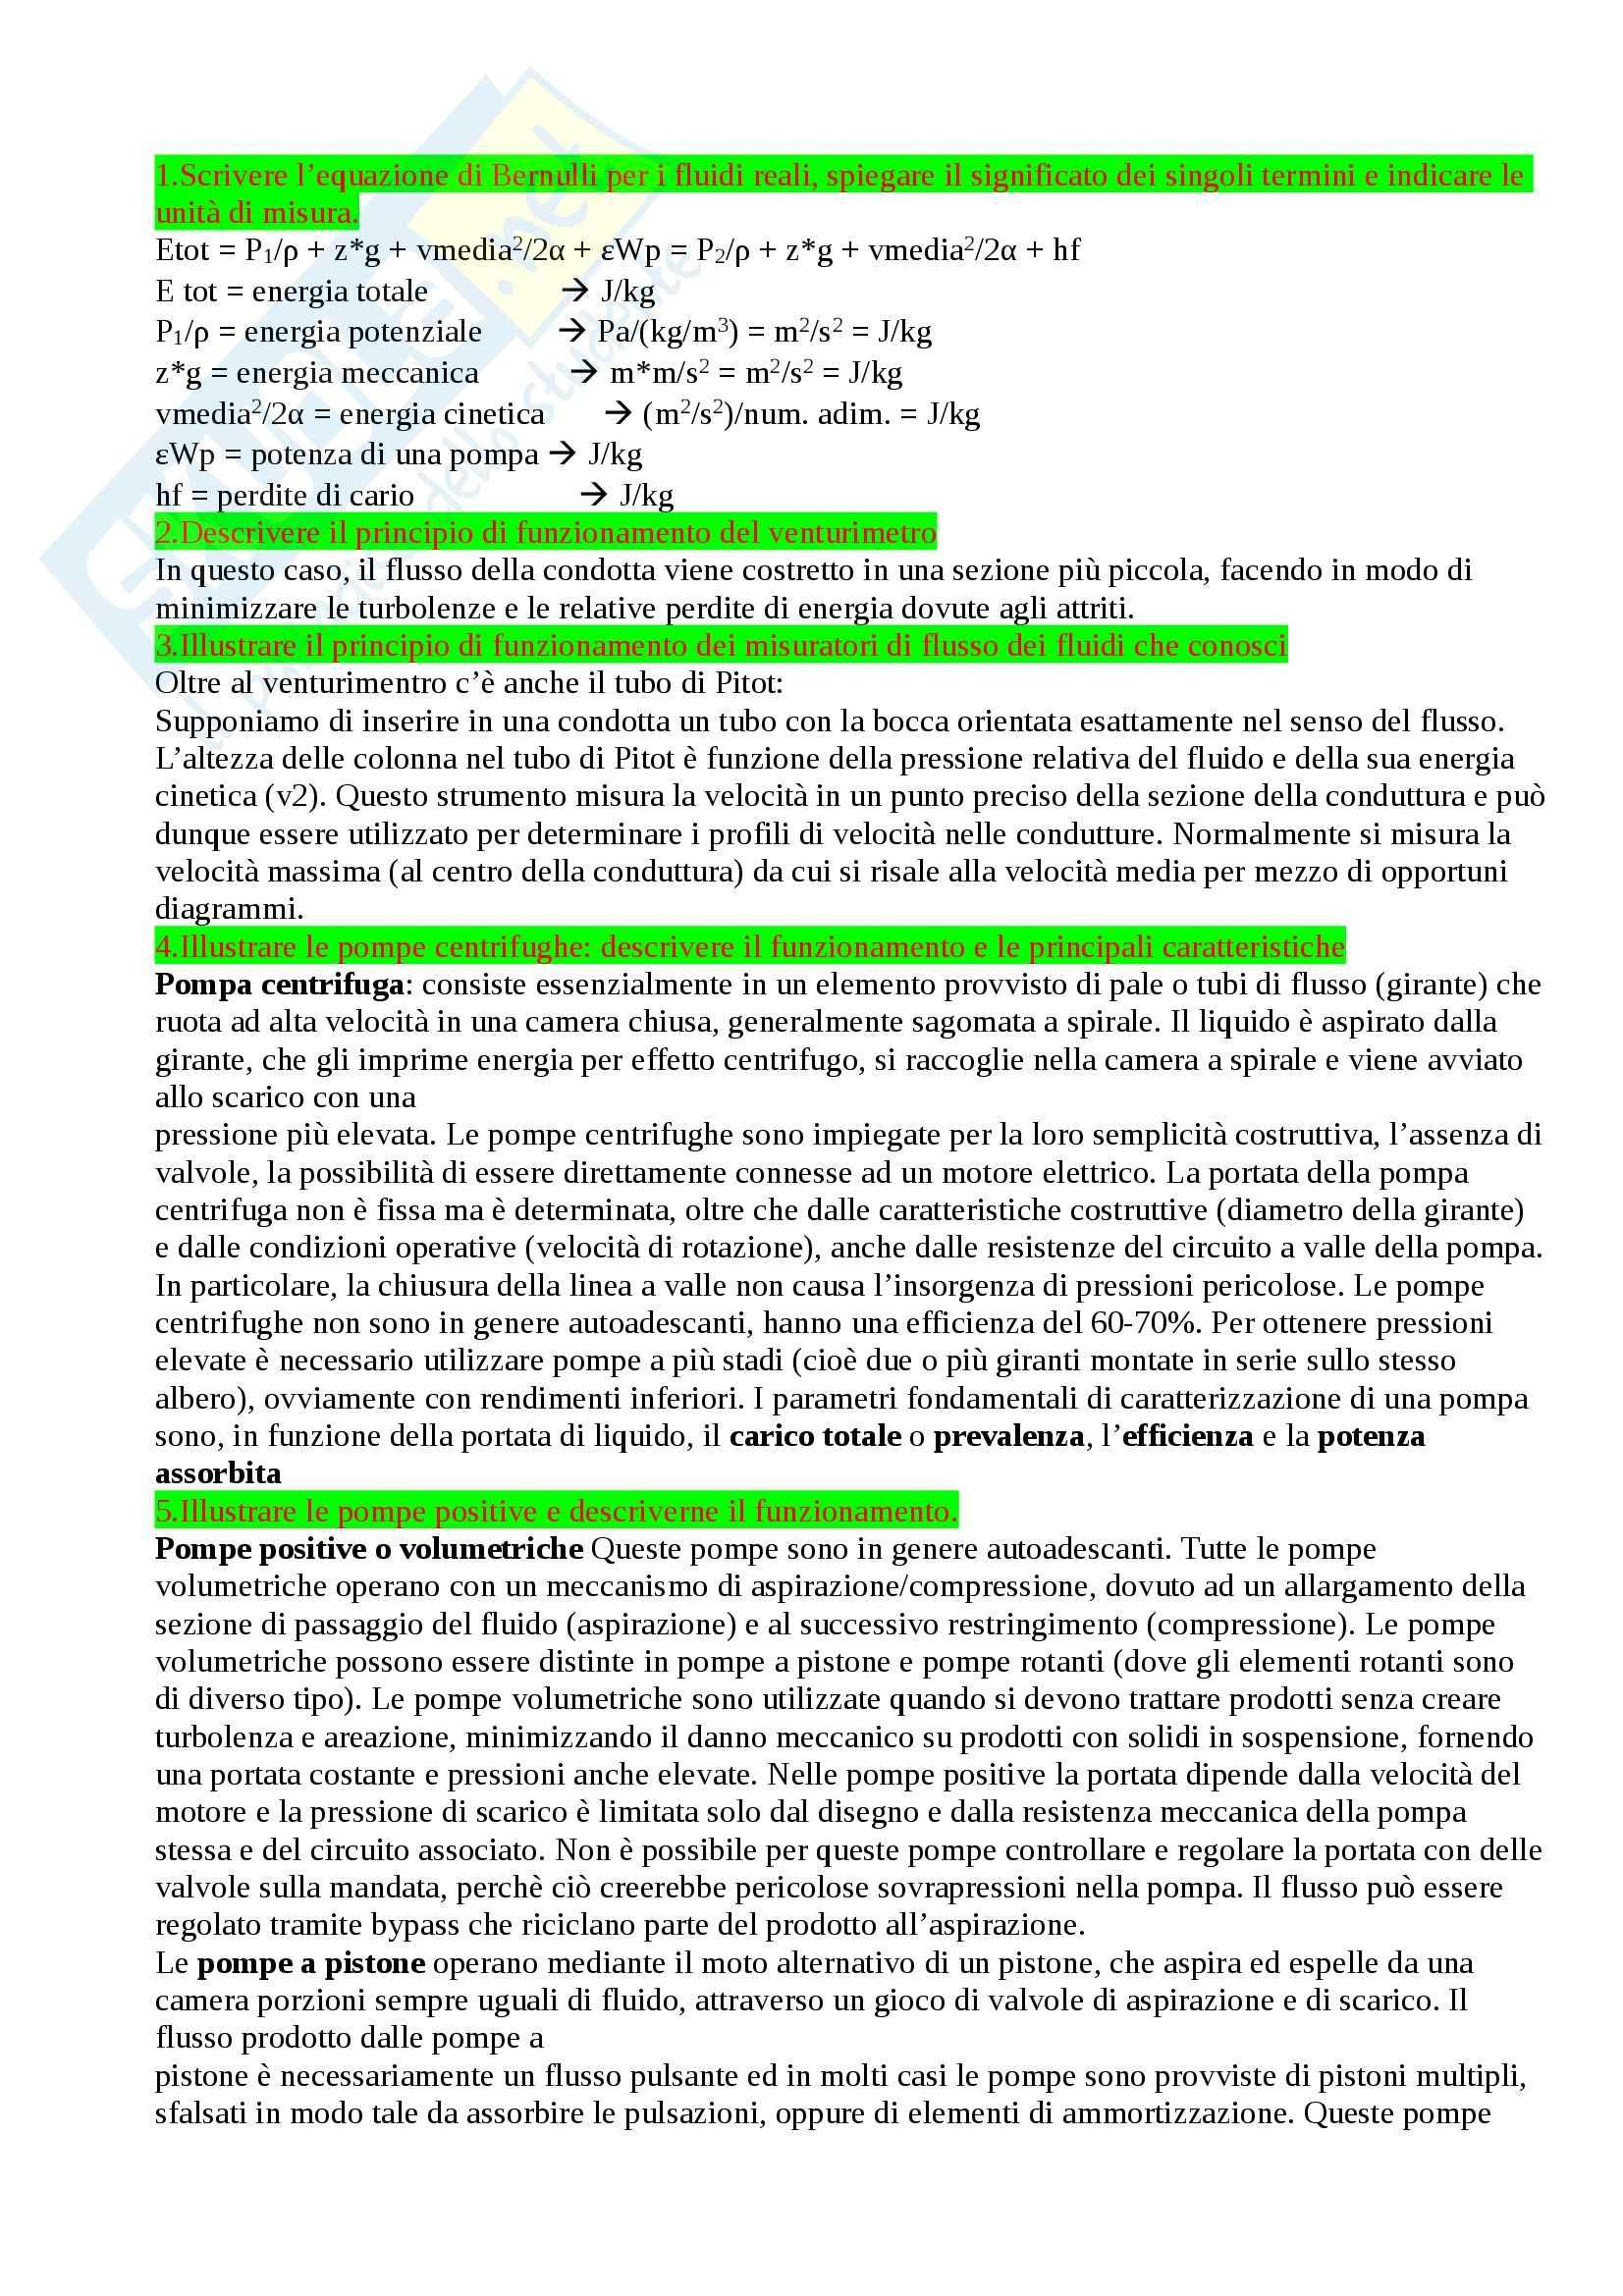 esercitazione G. Giovanelli Operazioni unitarie delle tecnologie alimentari